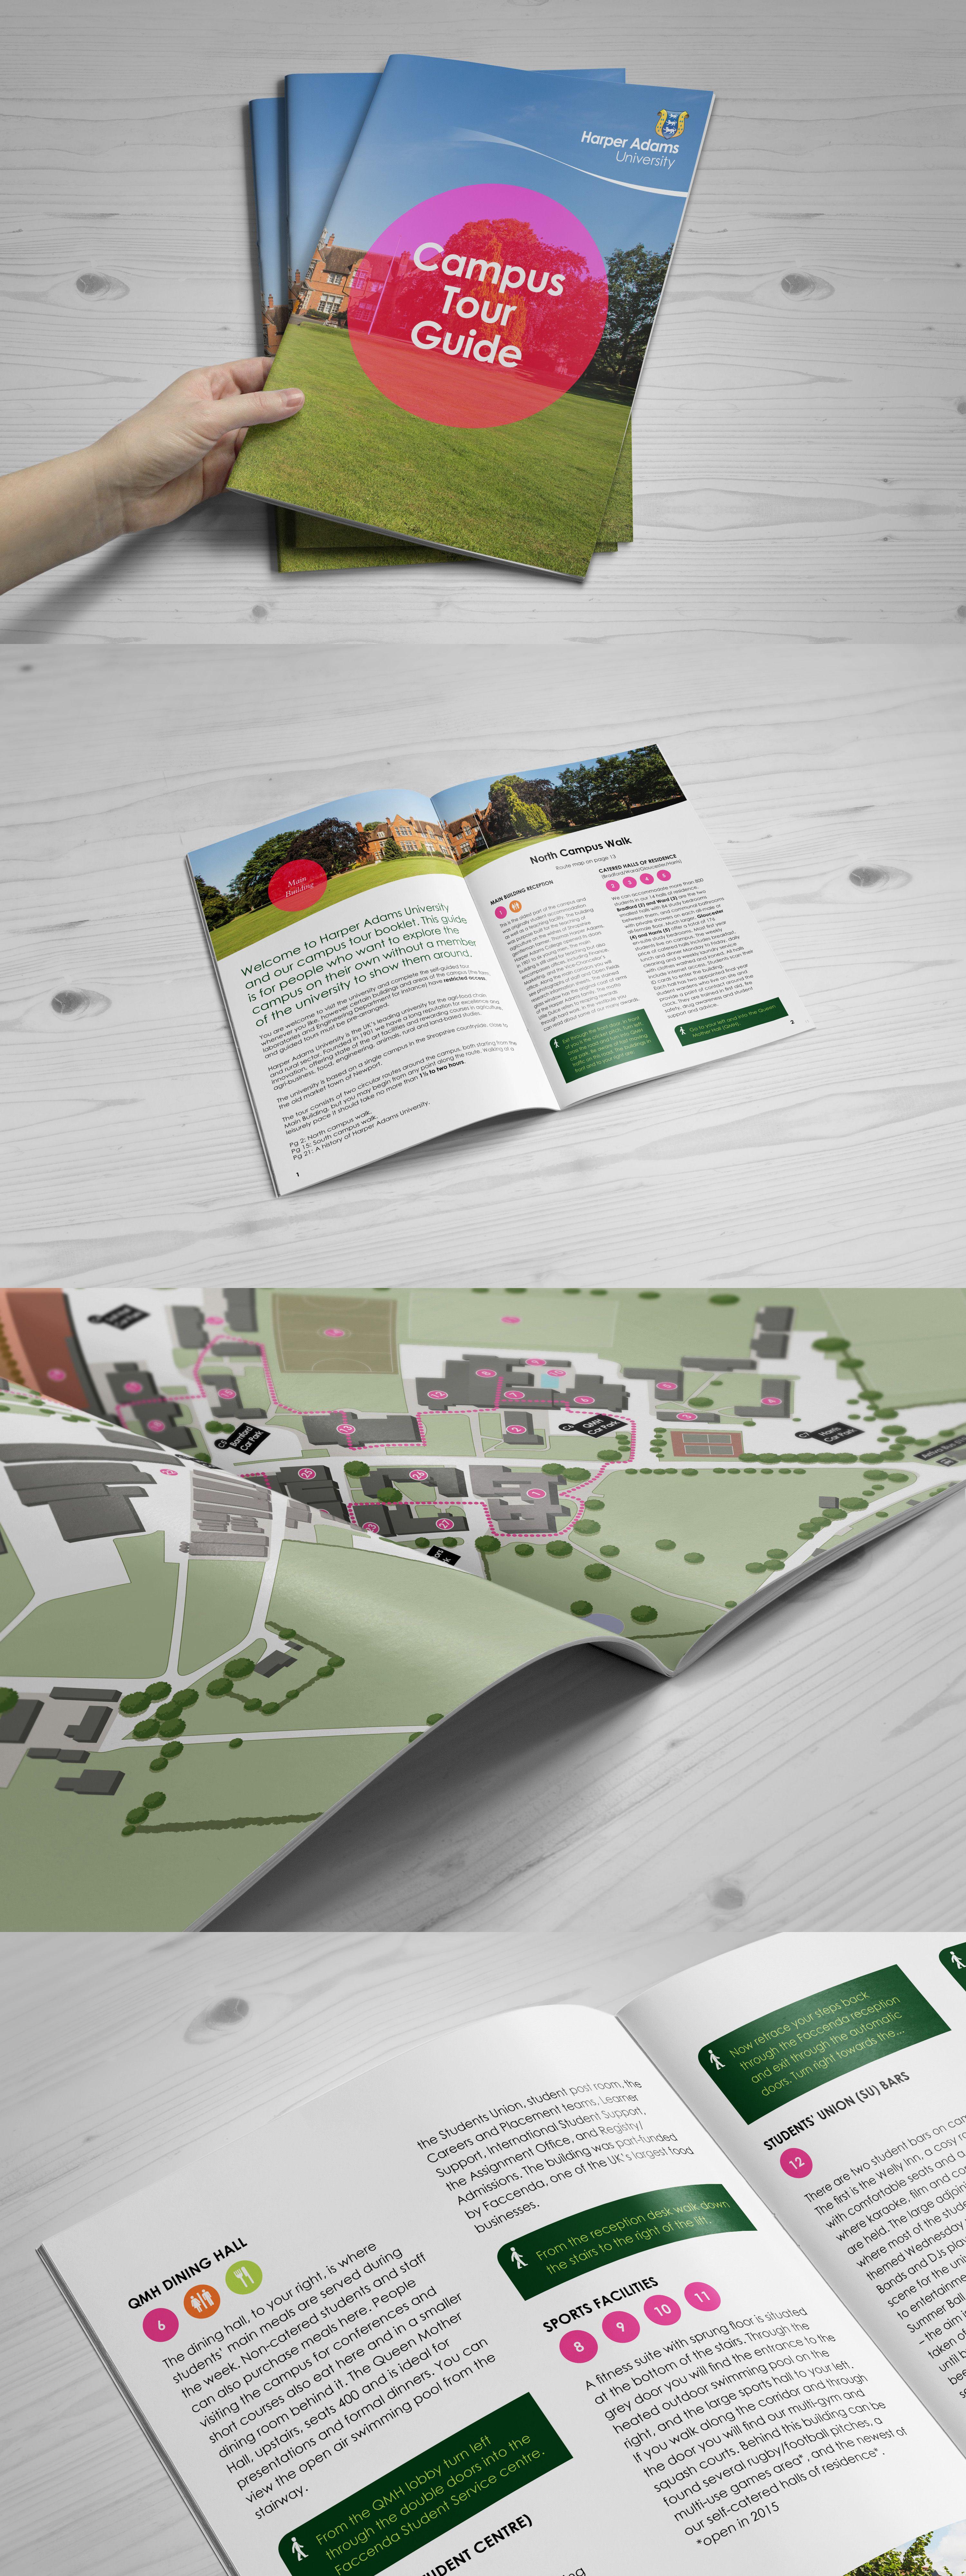 Harper Adams University Campus Tour Guide Mockup Tour Guide University Campus Photo Book